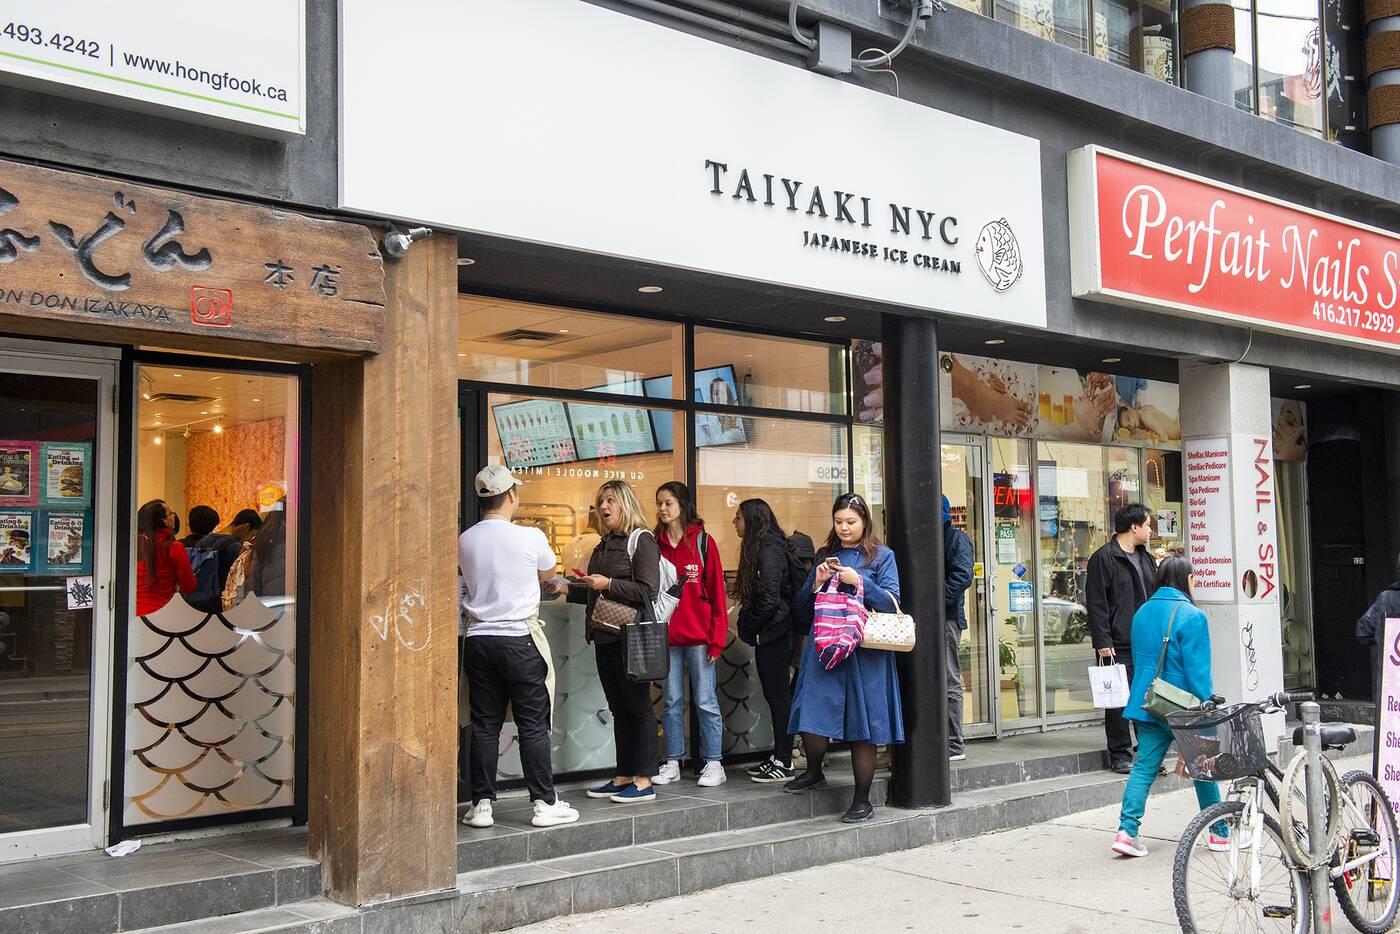 Taiyaki NYC Toronto